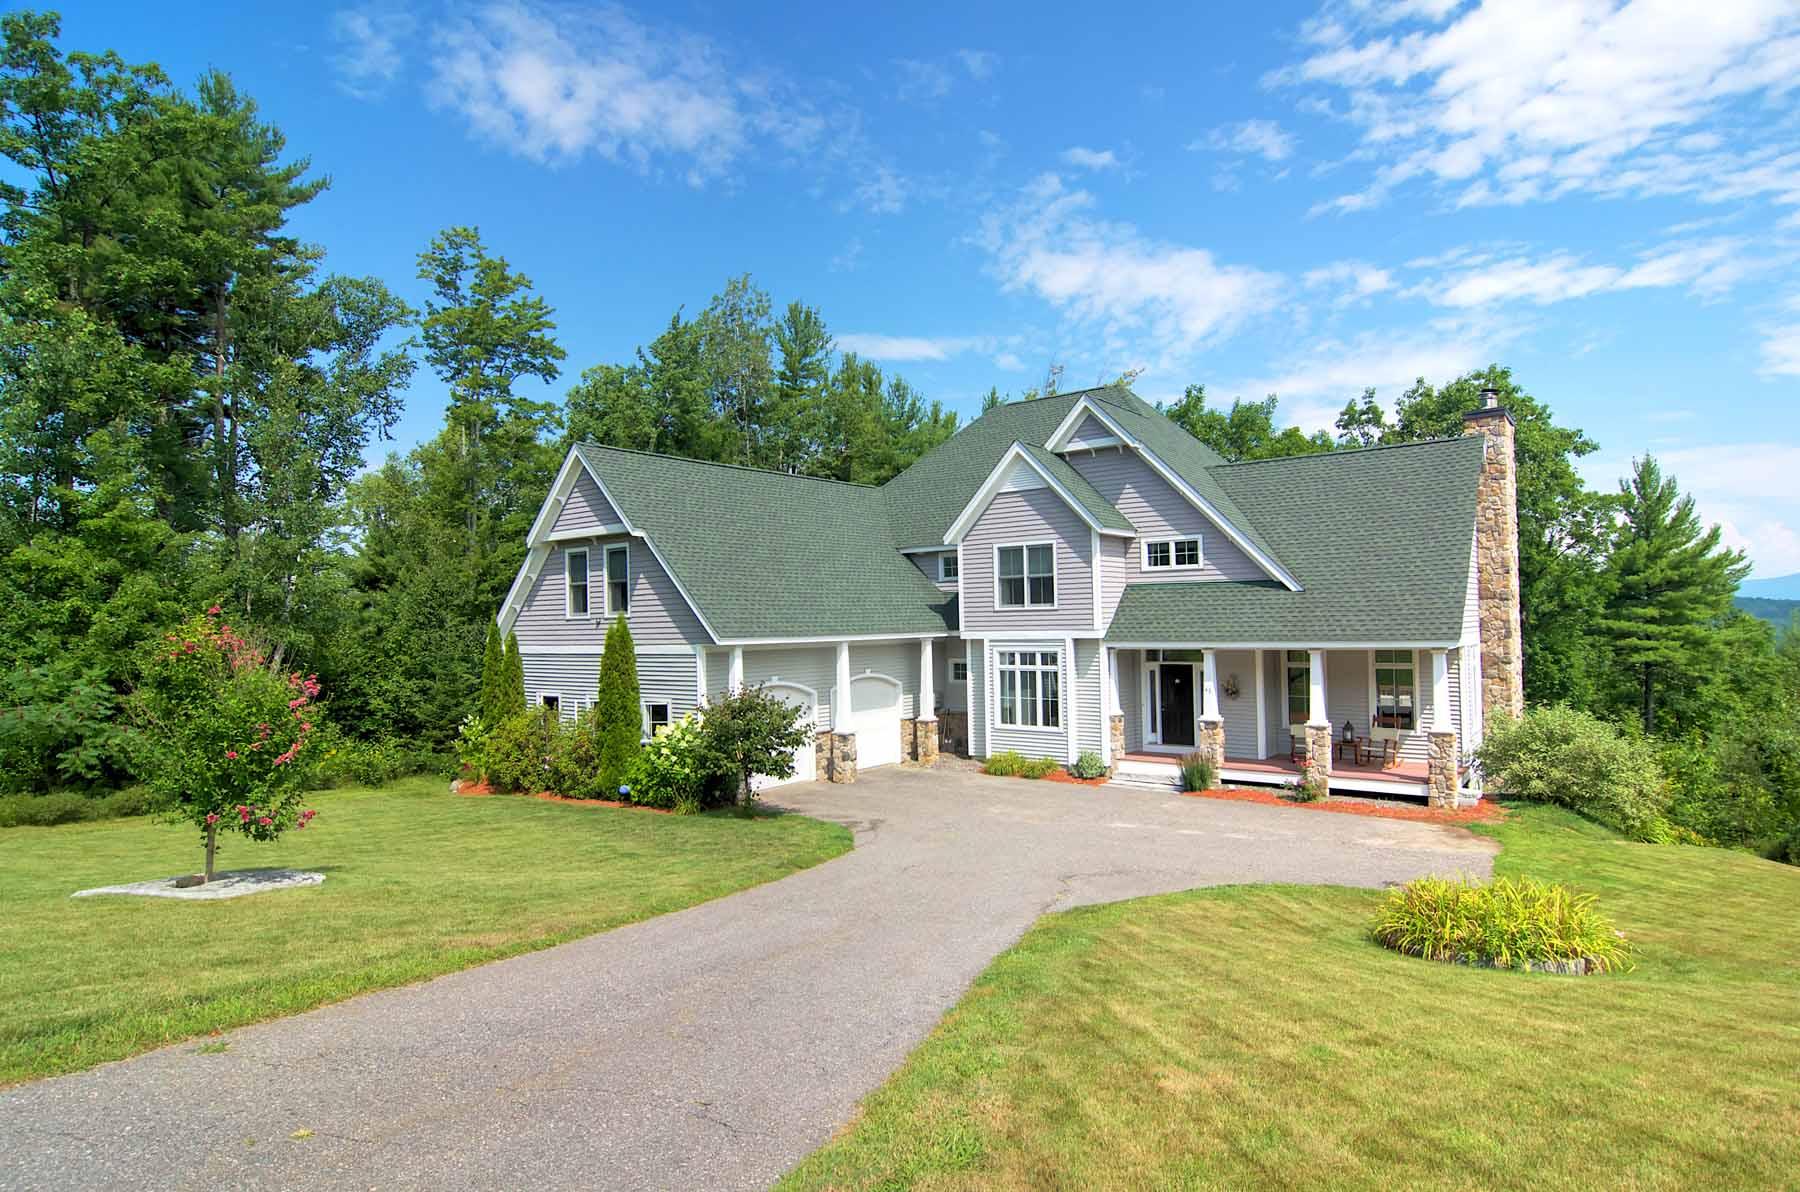 Частный односемейный дом для того Продажа на 43 Windjammer Rdg, Laconia Laconia, Нью-Гэмпшир 03246 Соединенные Штаты